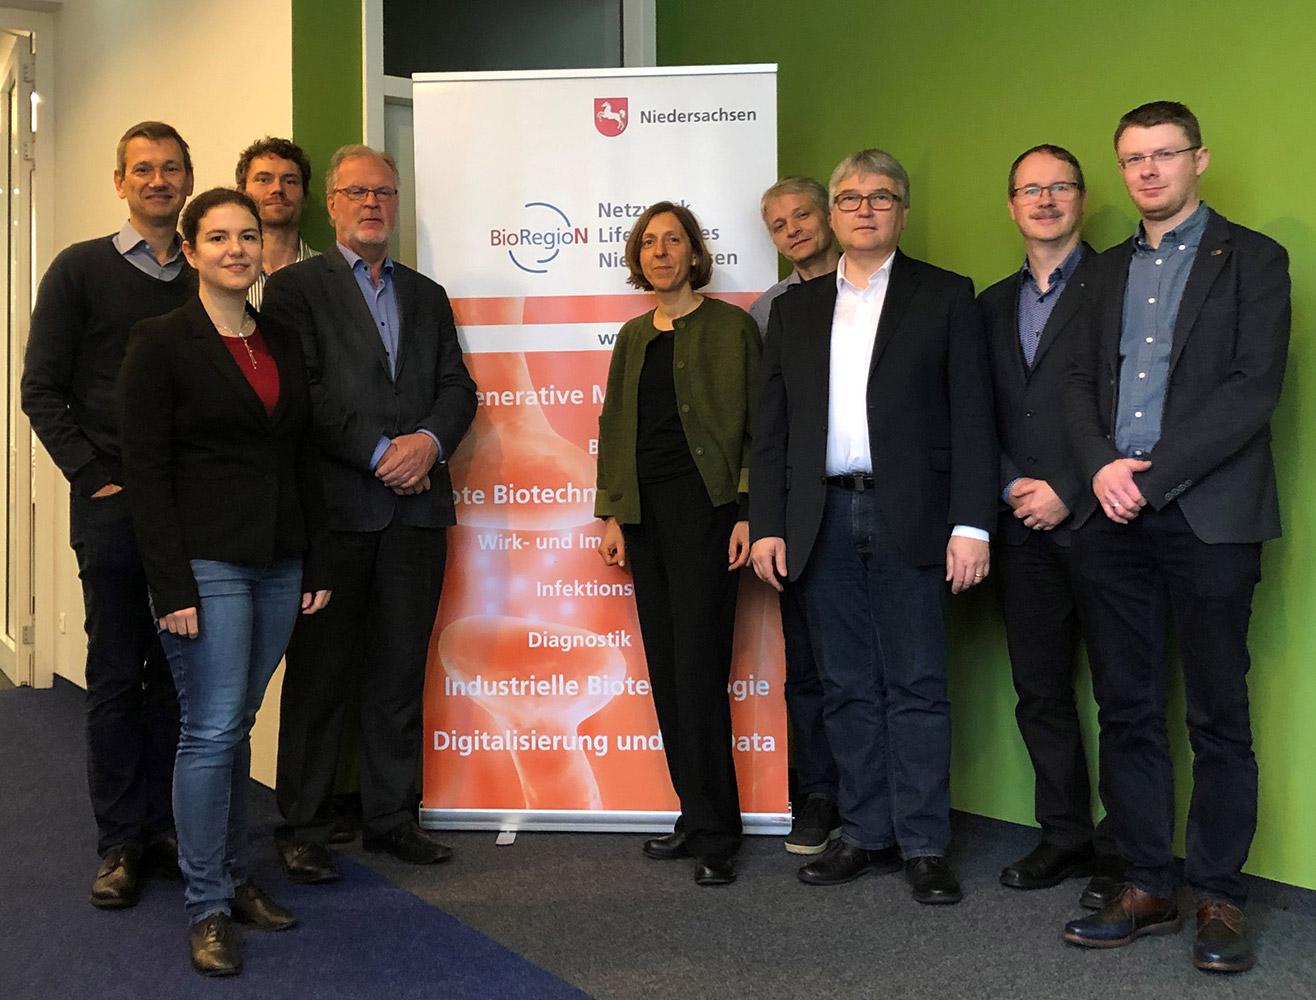 Aus dem AK BioRegioAK BioRegio-Treffen zum Jahresausklang in Hannover - BIO Deutschland